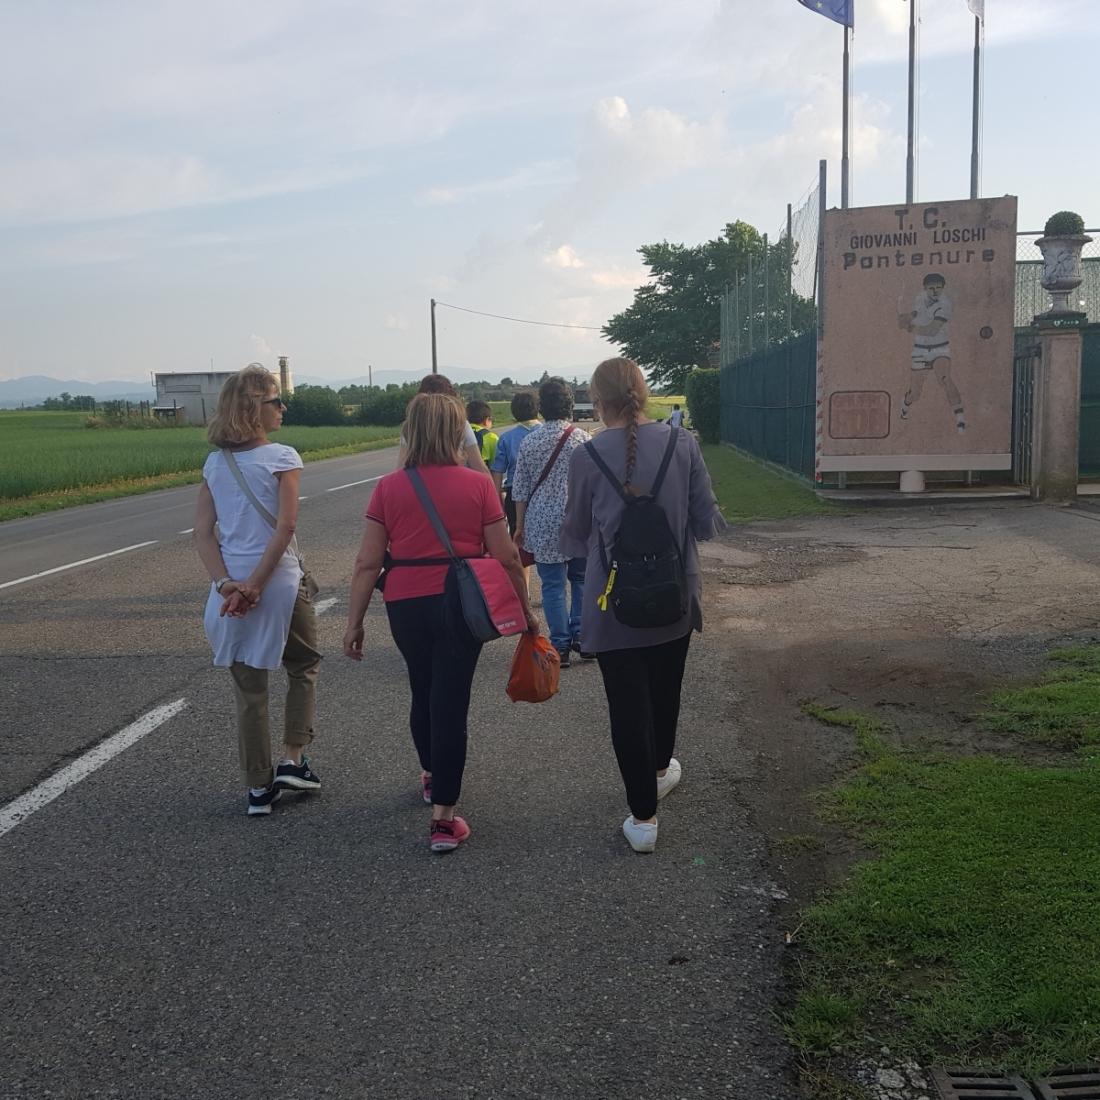 Pellegrinaggio Paderna 2018 (24)